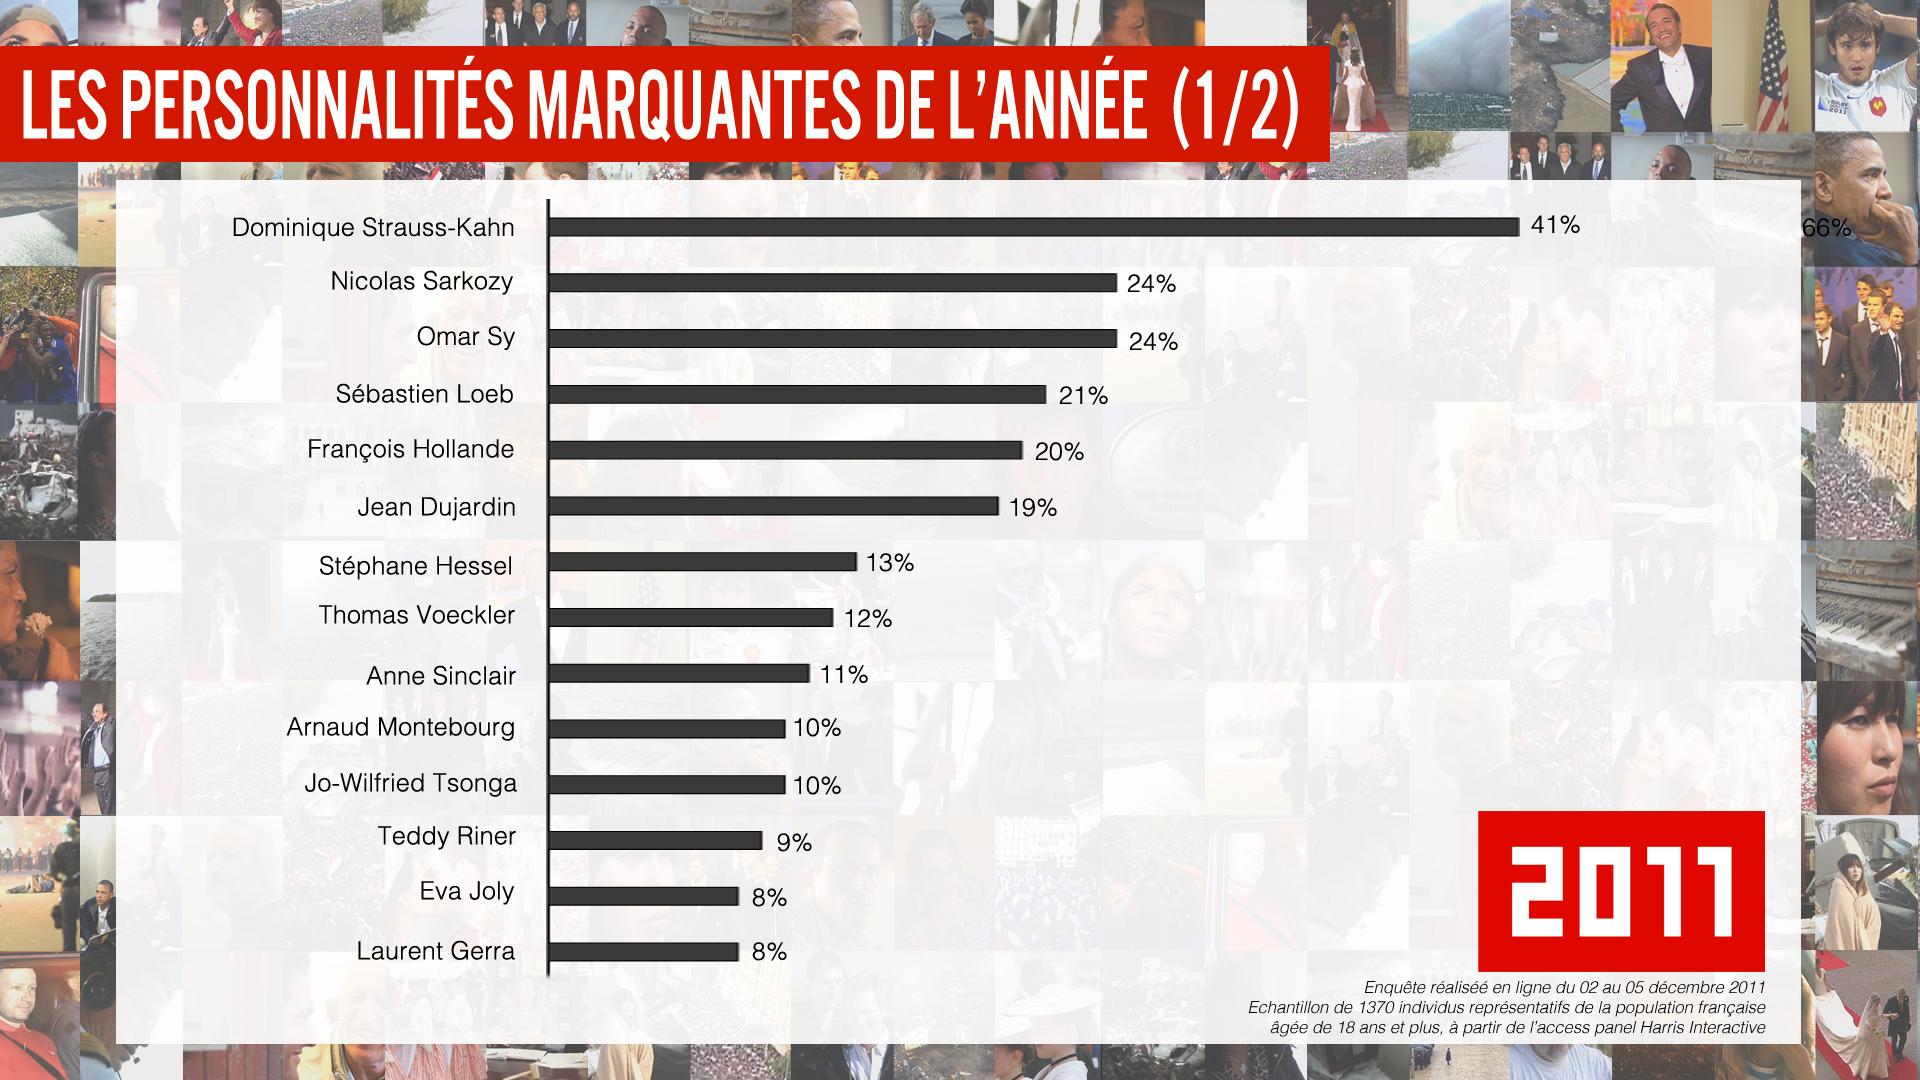 les personnalites marquantes de l annee 2011 2011, Le roman de lannée   France 2